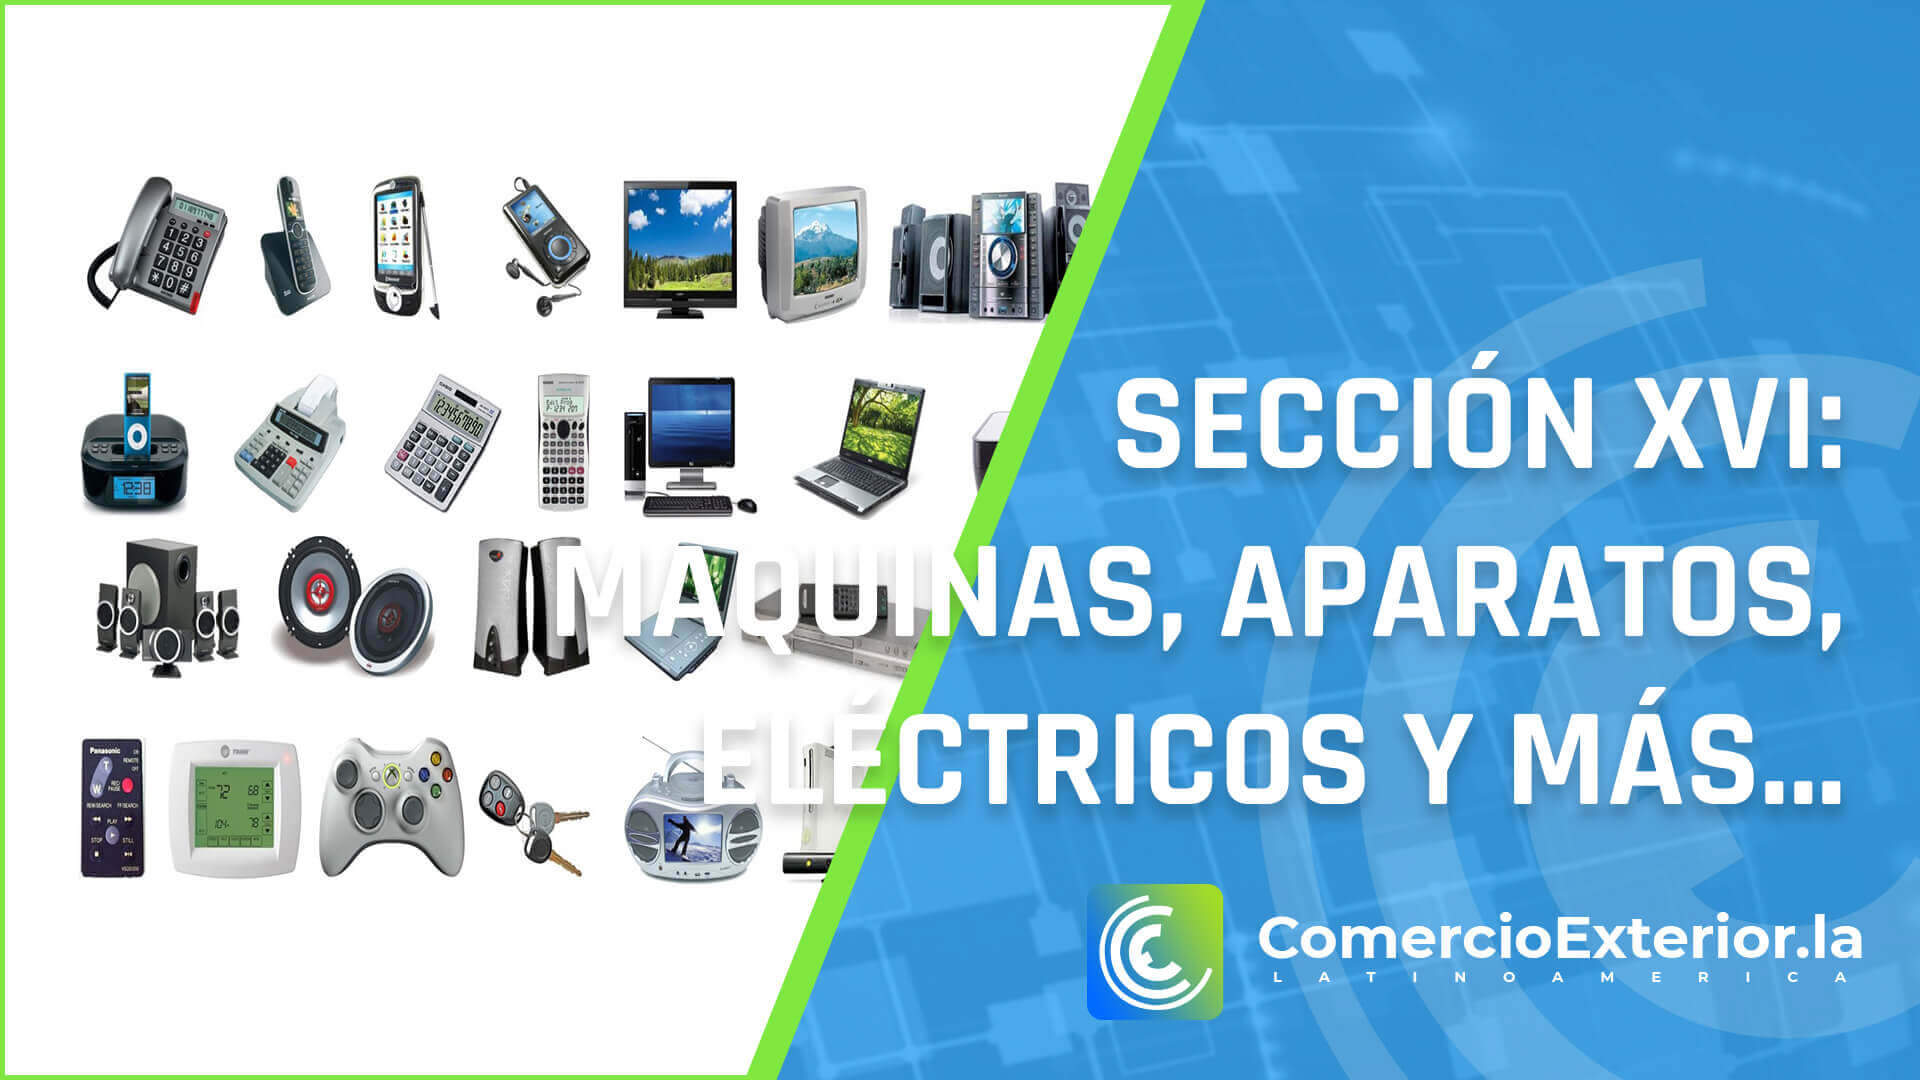 partida arancelaria - Maquinas y aparatos, material eléctrico y sus partes